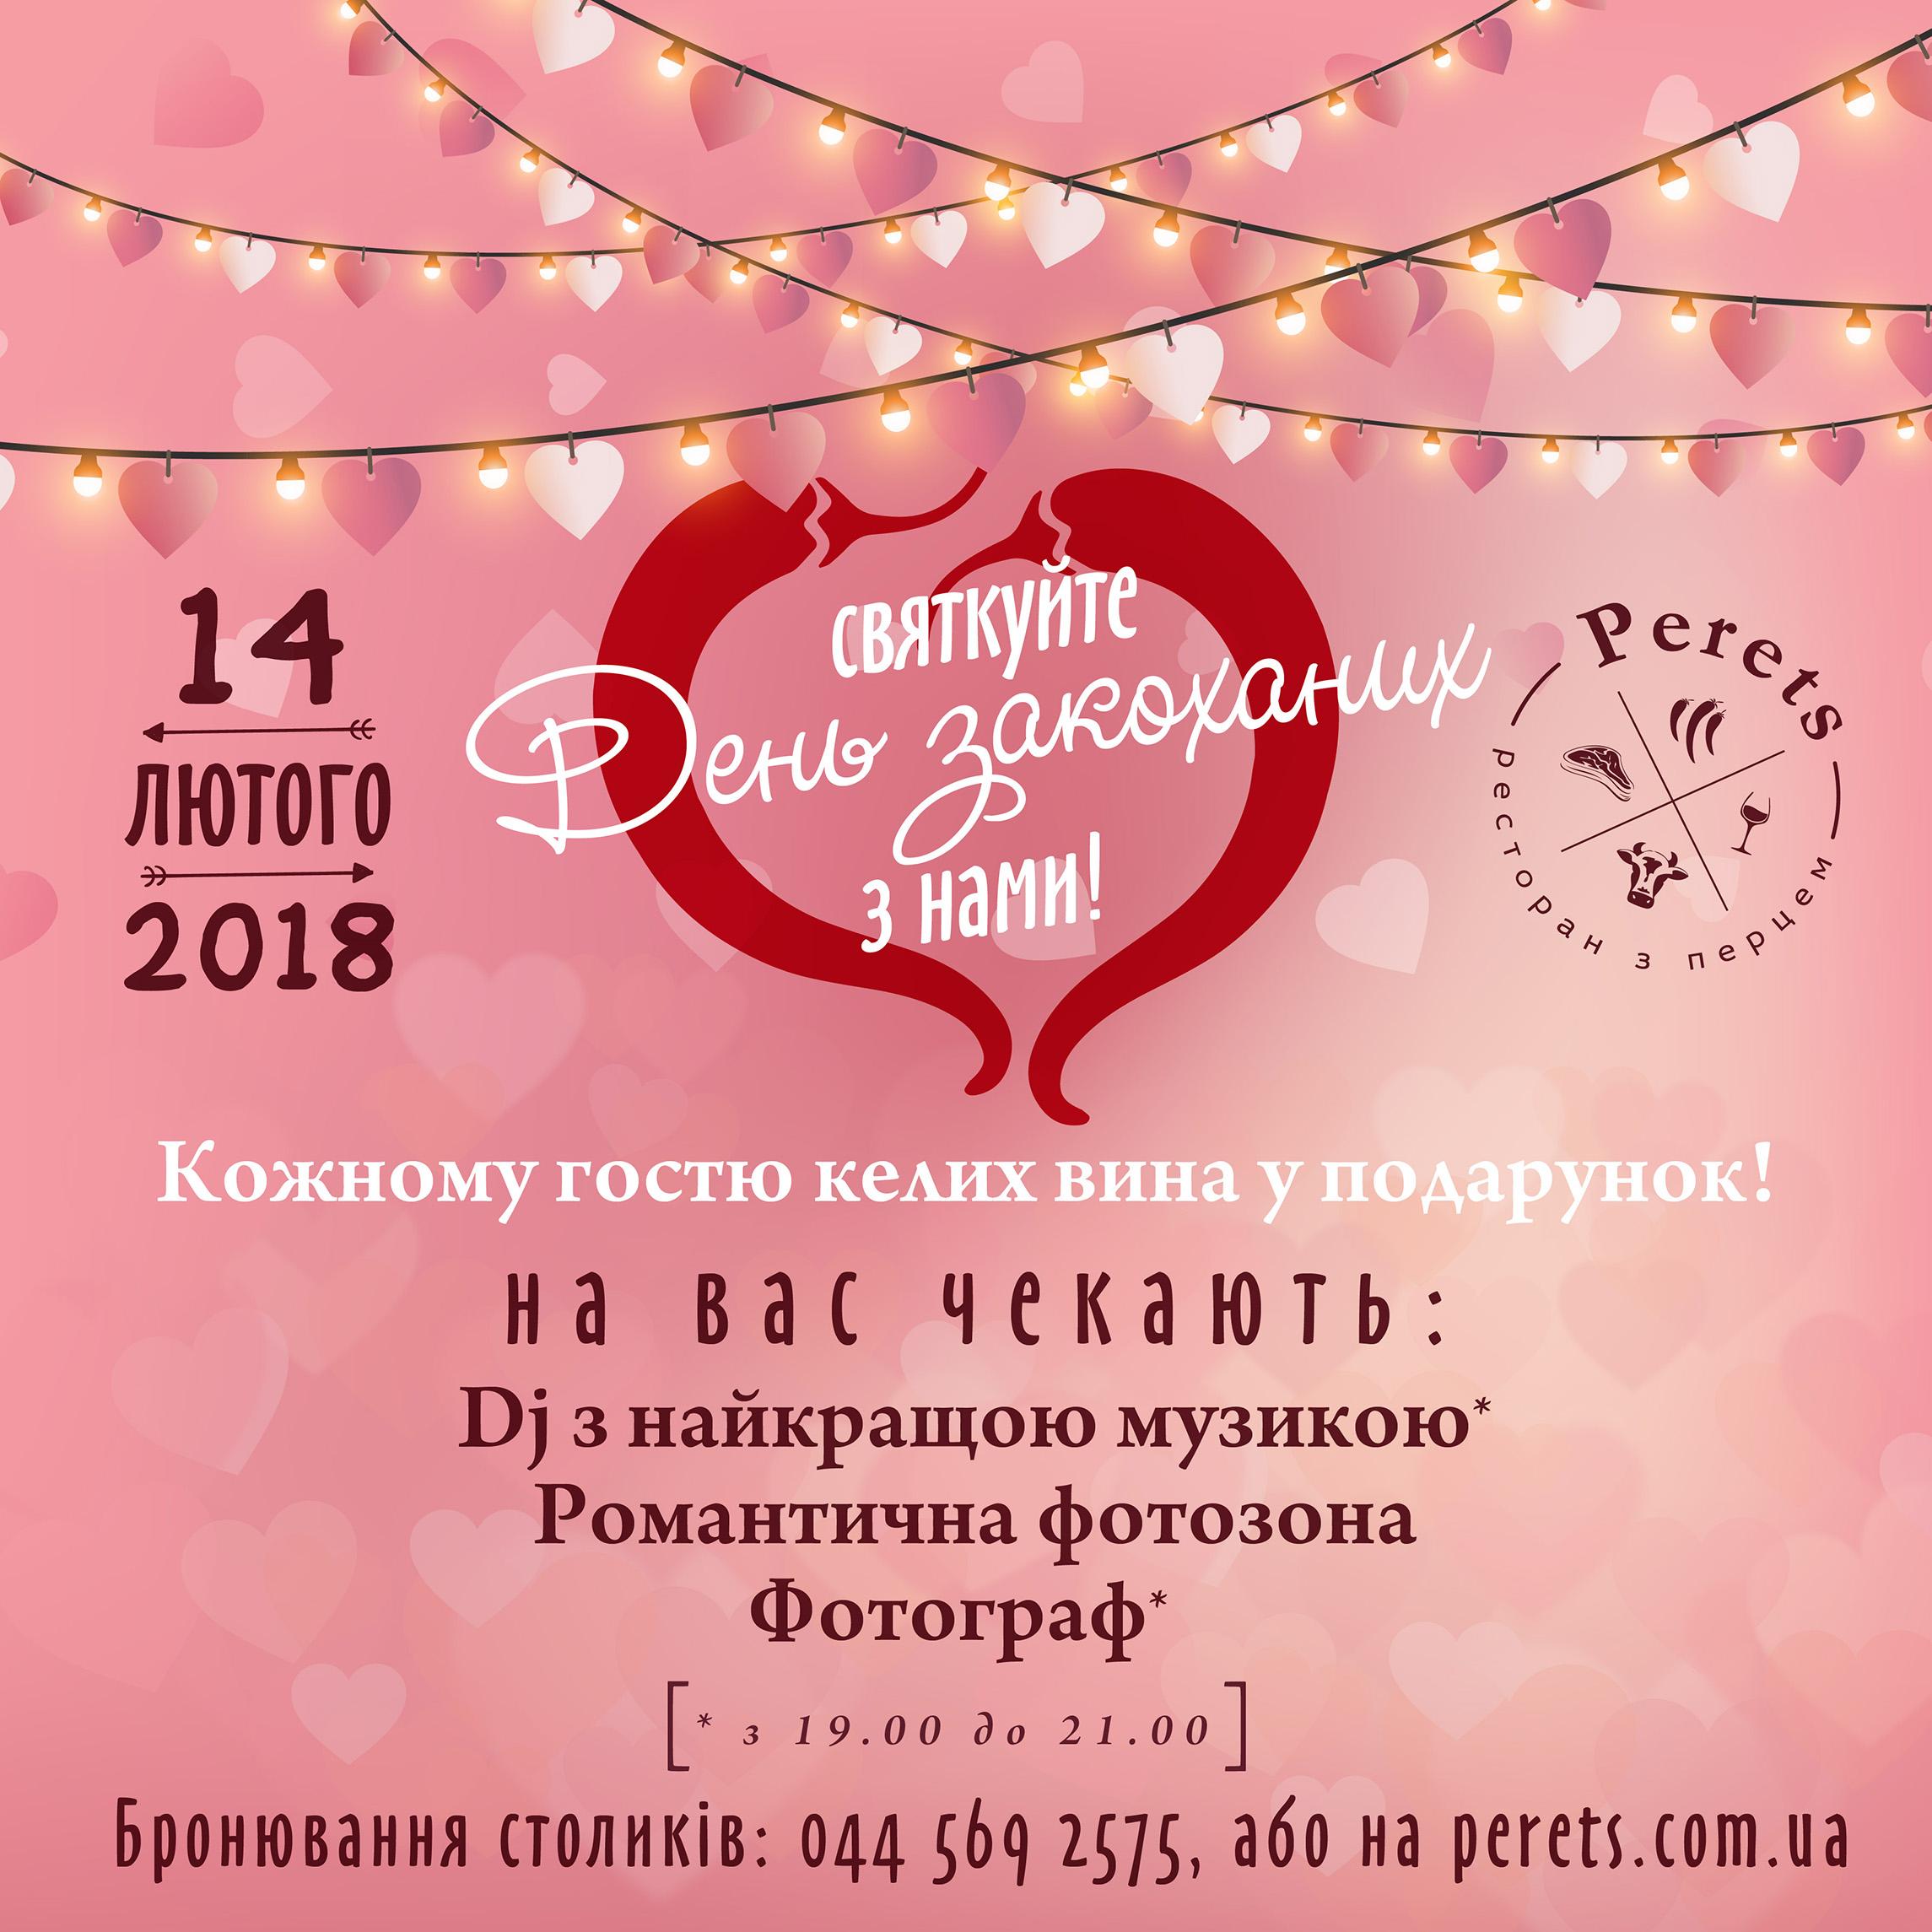 День святого Валентина в Perets